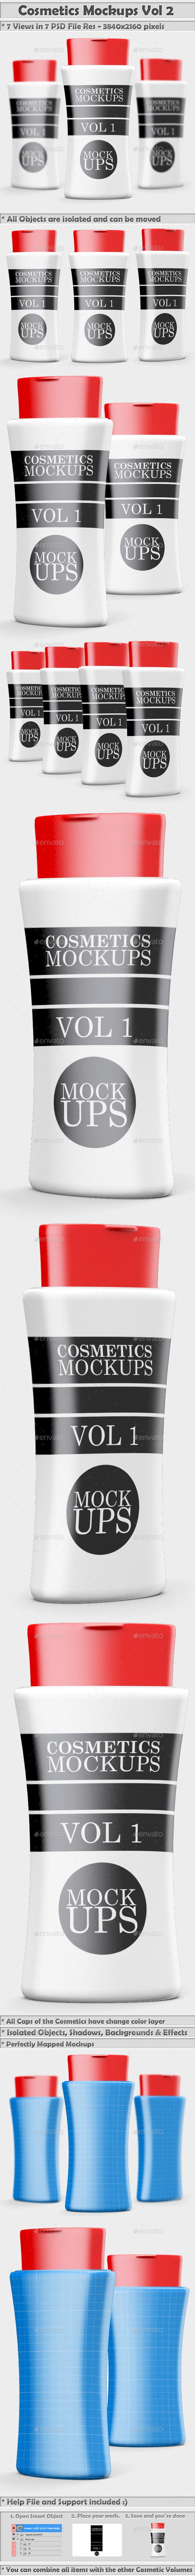 Cosmetics Mockups Vol 2